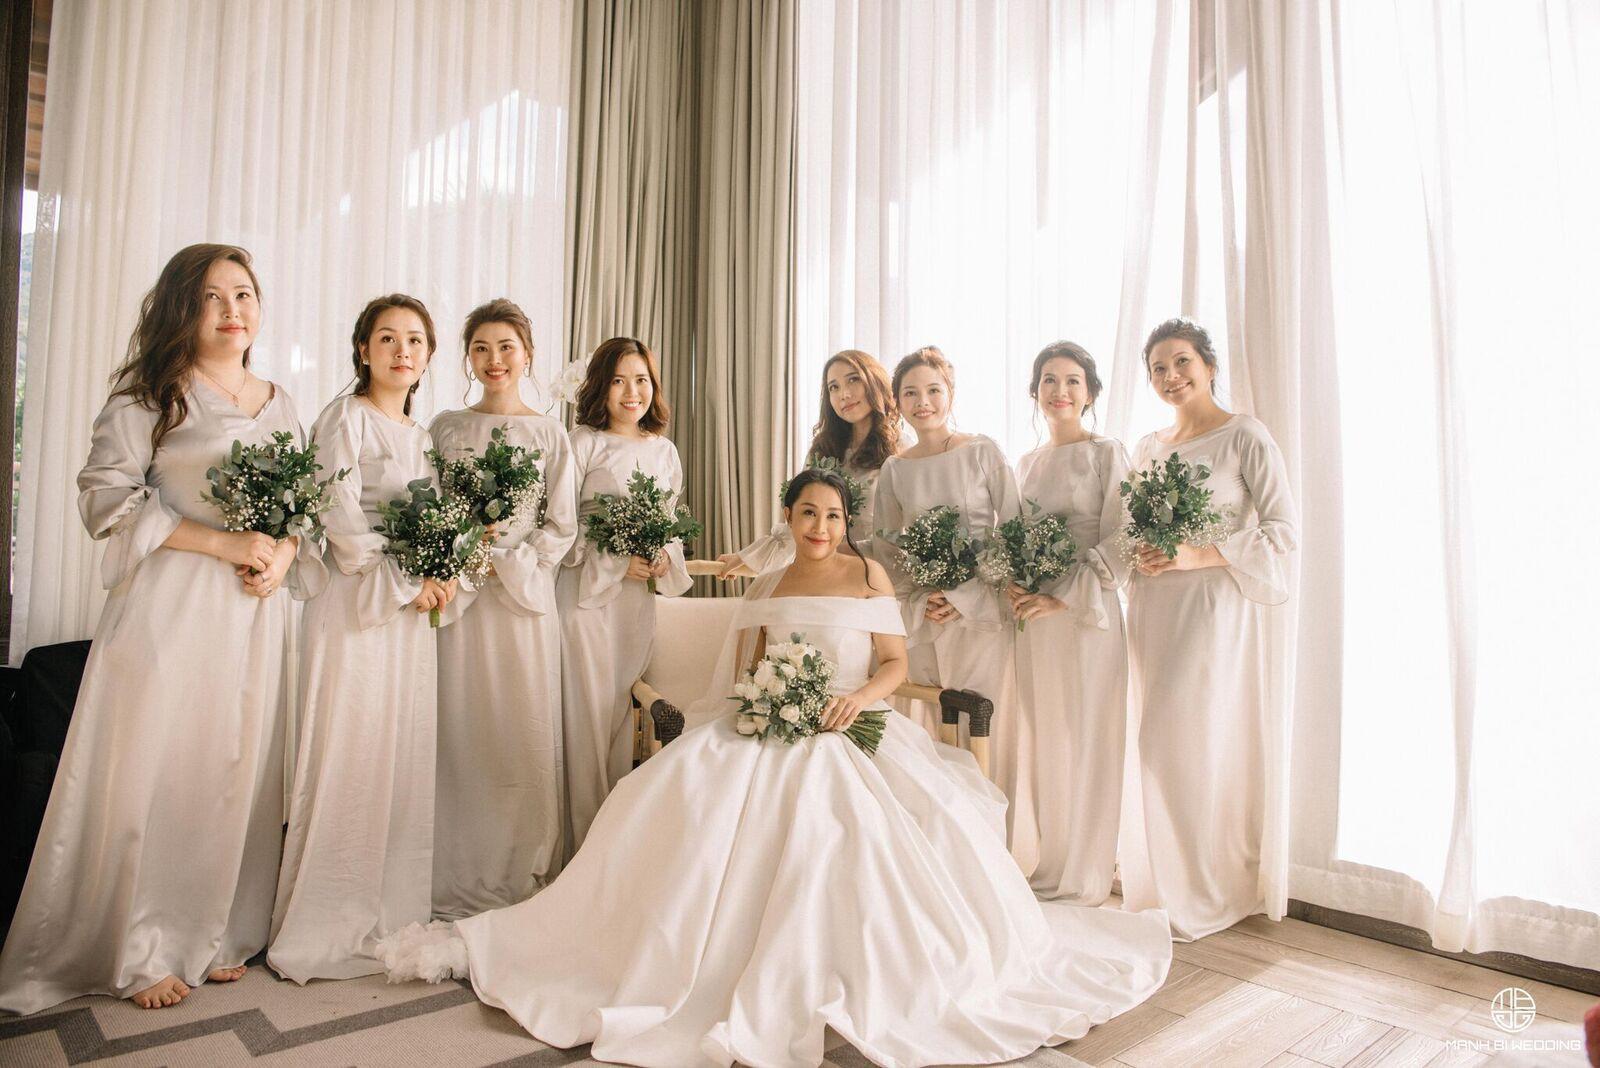 Nhà văn Gào chia sẻ nhiều thông tin thú vị về đám cưới như mơ ngay sau tiệc cưới hoành tráng trên bờ biển - Ảnh 6.